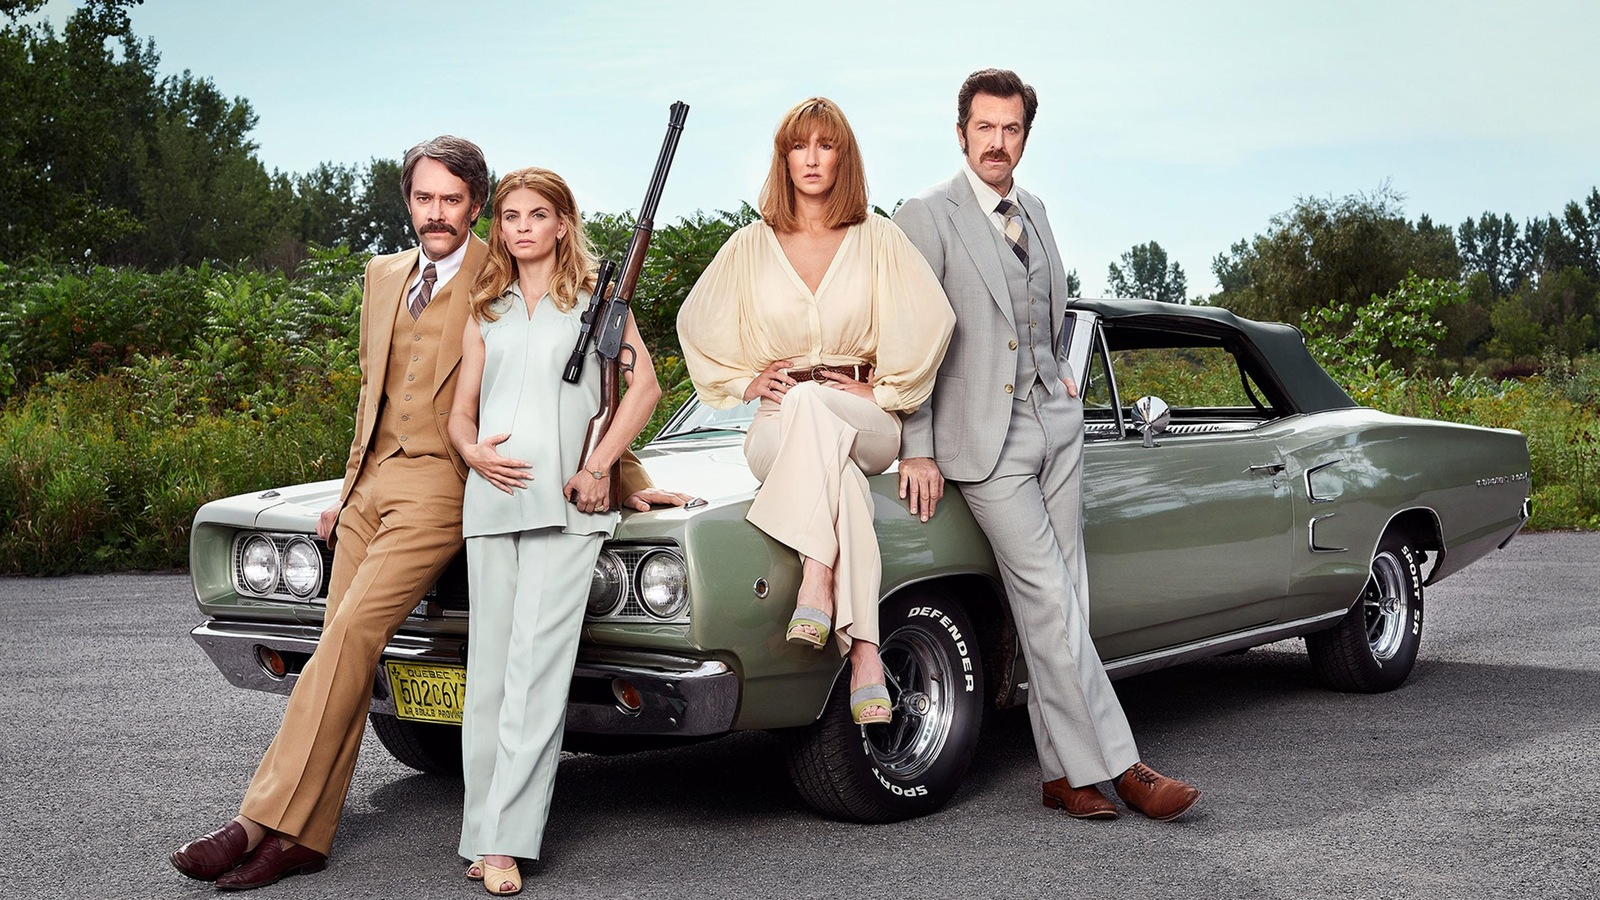 Les acteurs et actrices posent habillés et coiffés comme dans les années 1970 devant une voiture d'époque.